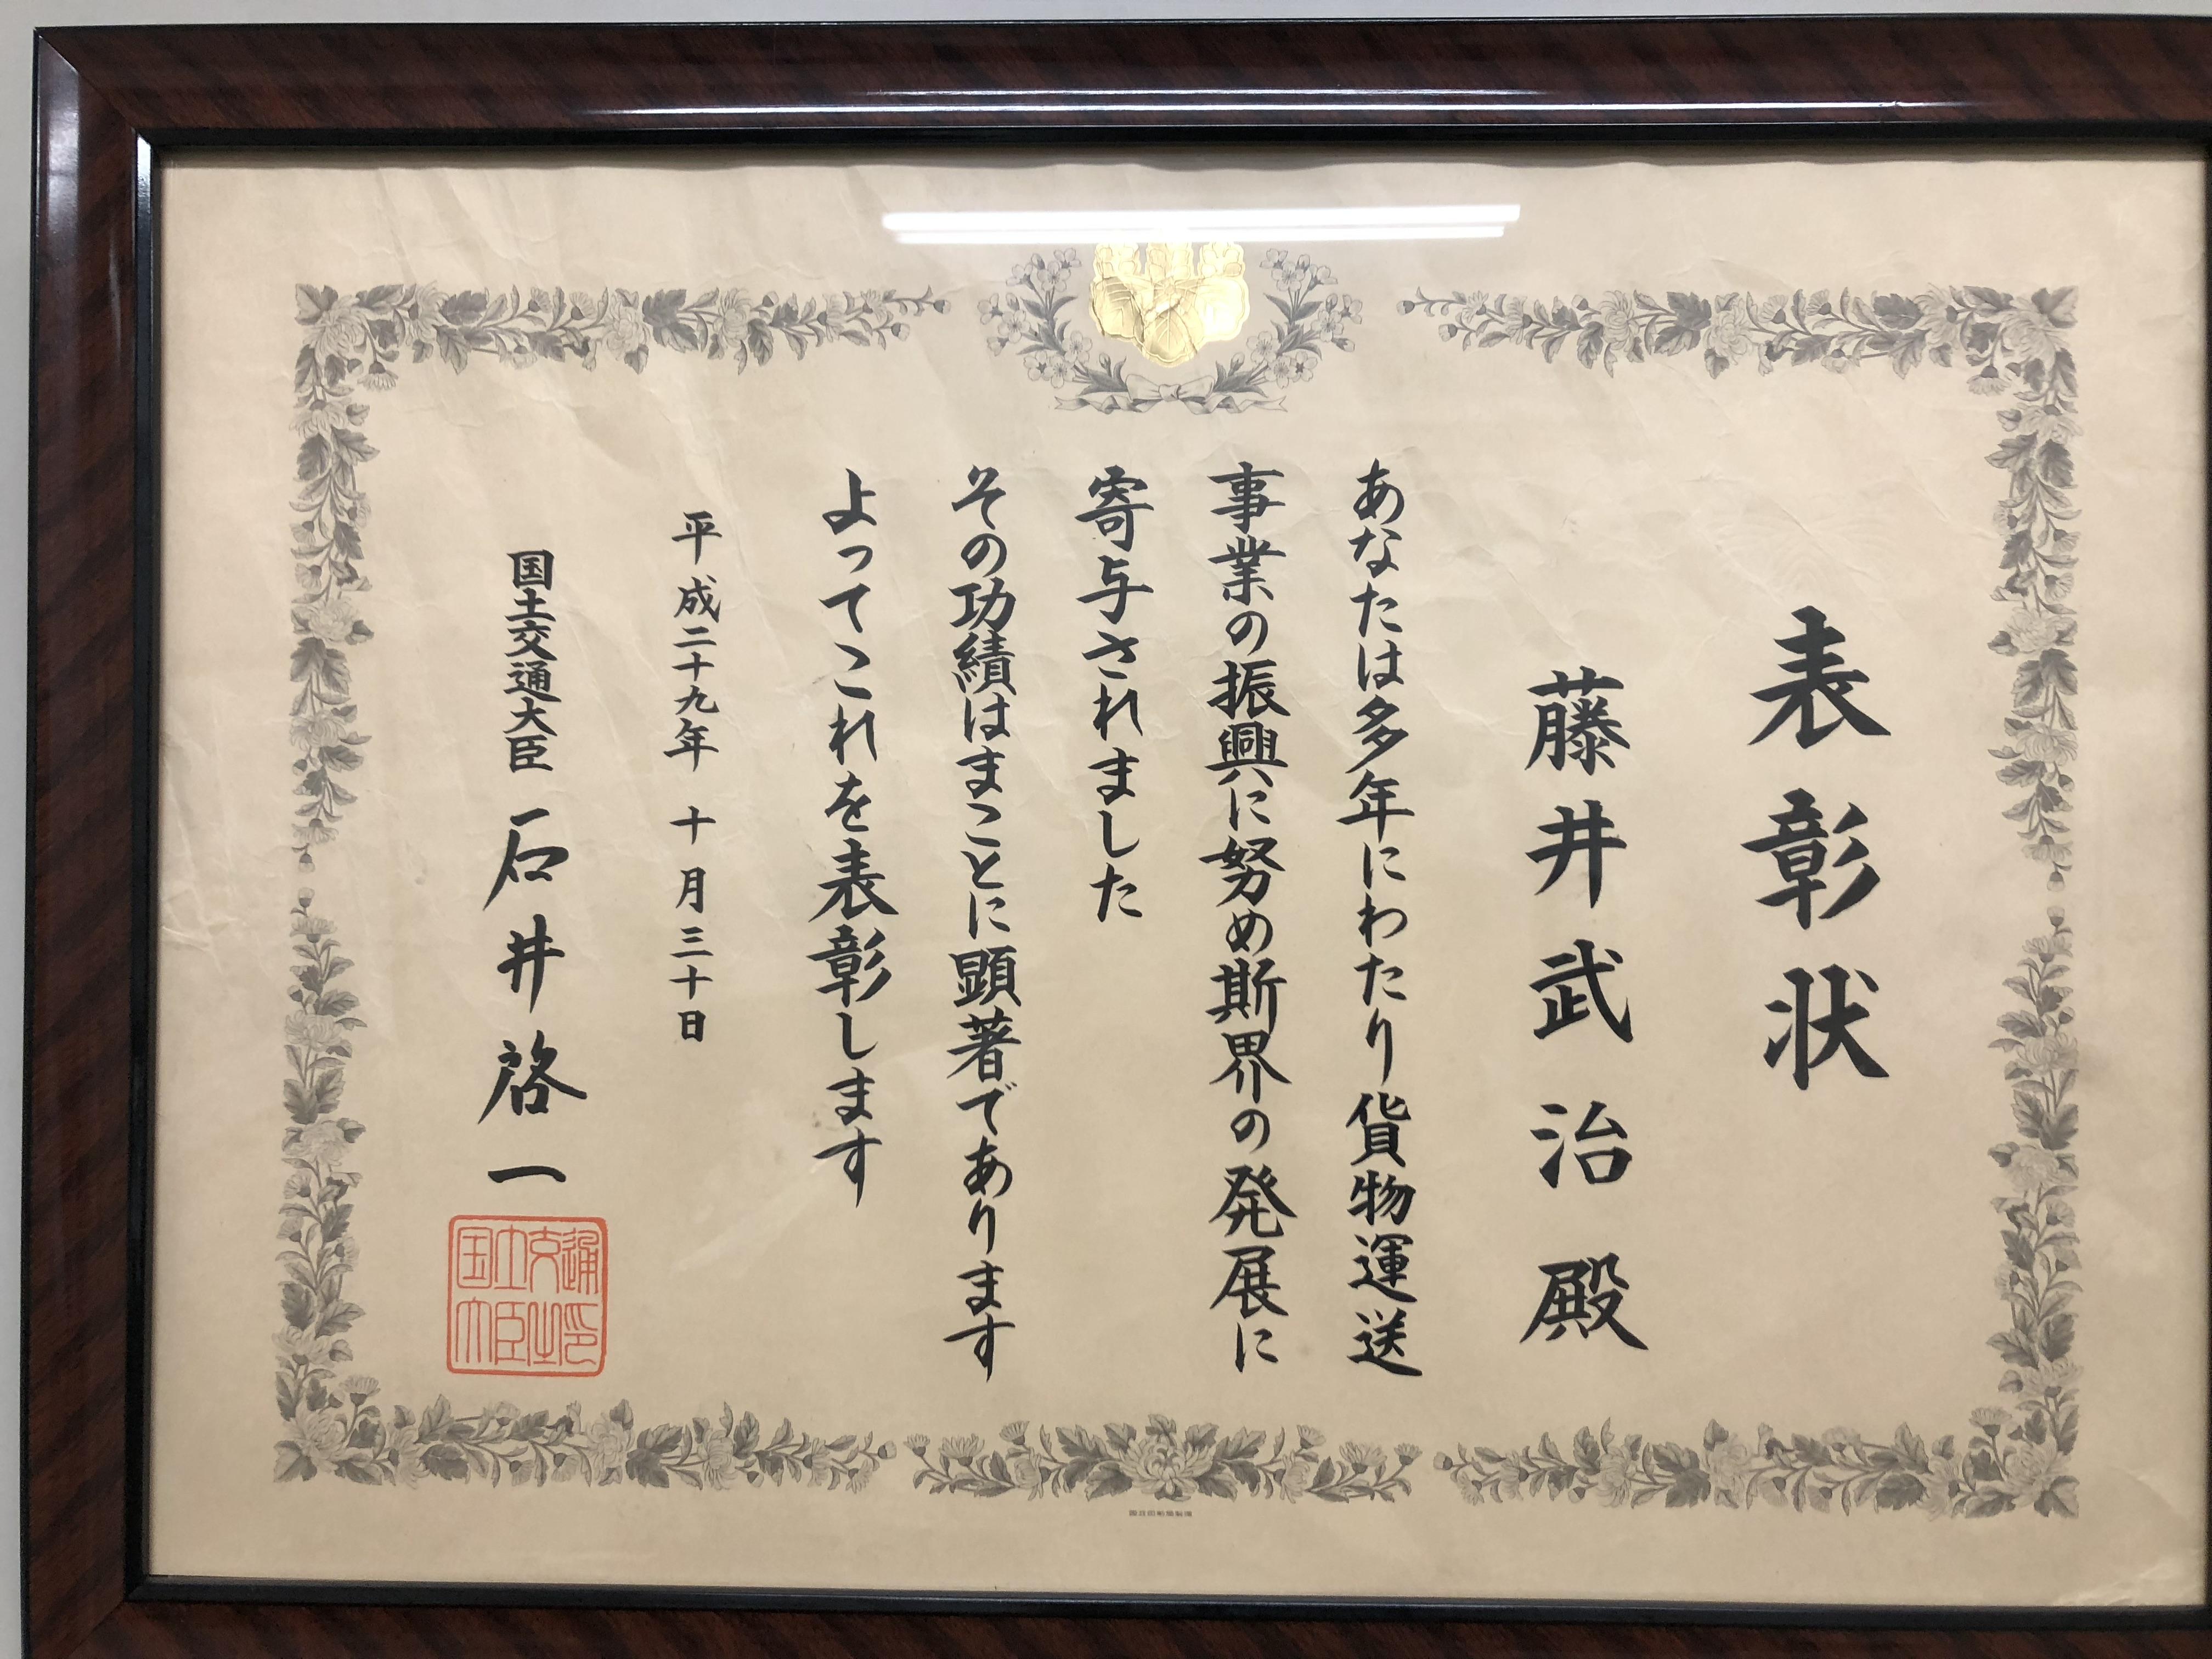 http://www.fujiishokai.com/news/%E5%9B%BD%E5%9C%9F%E4%BA%A4%E9%80%9A%E7%9C%81.JPG